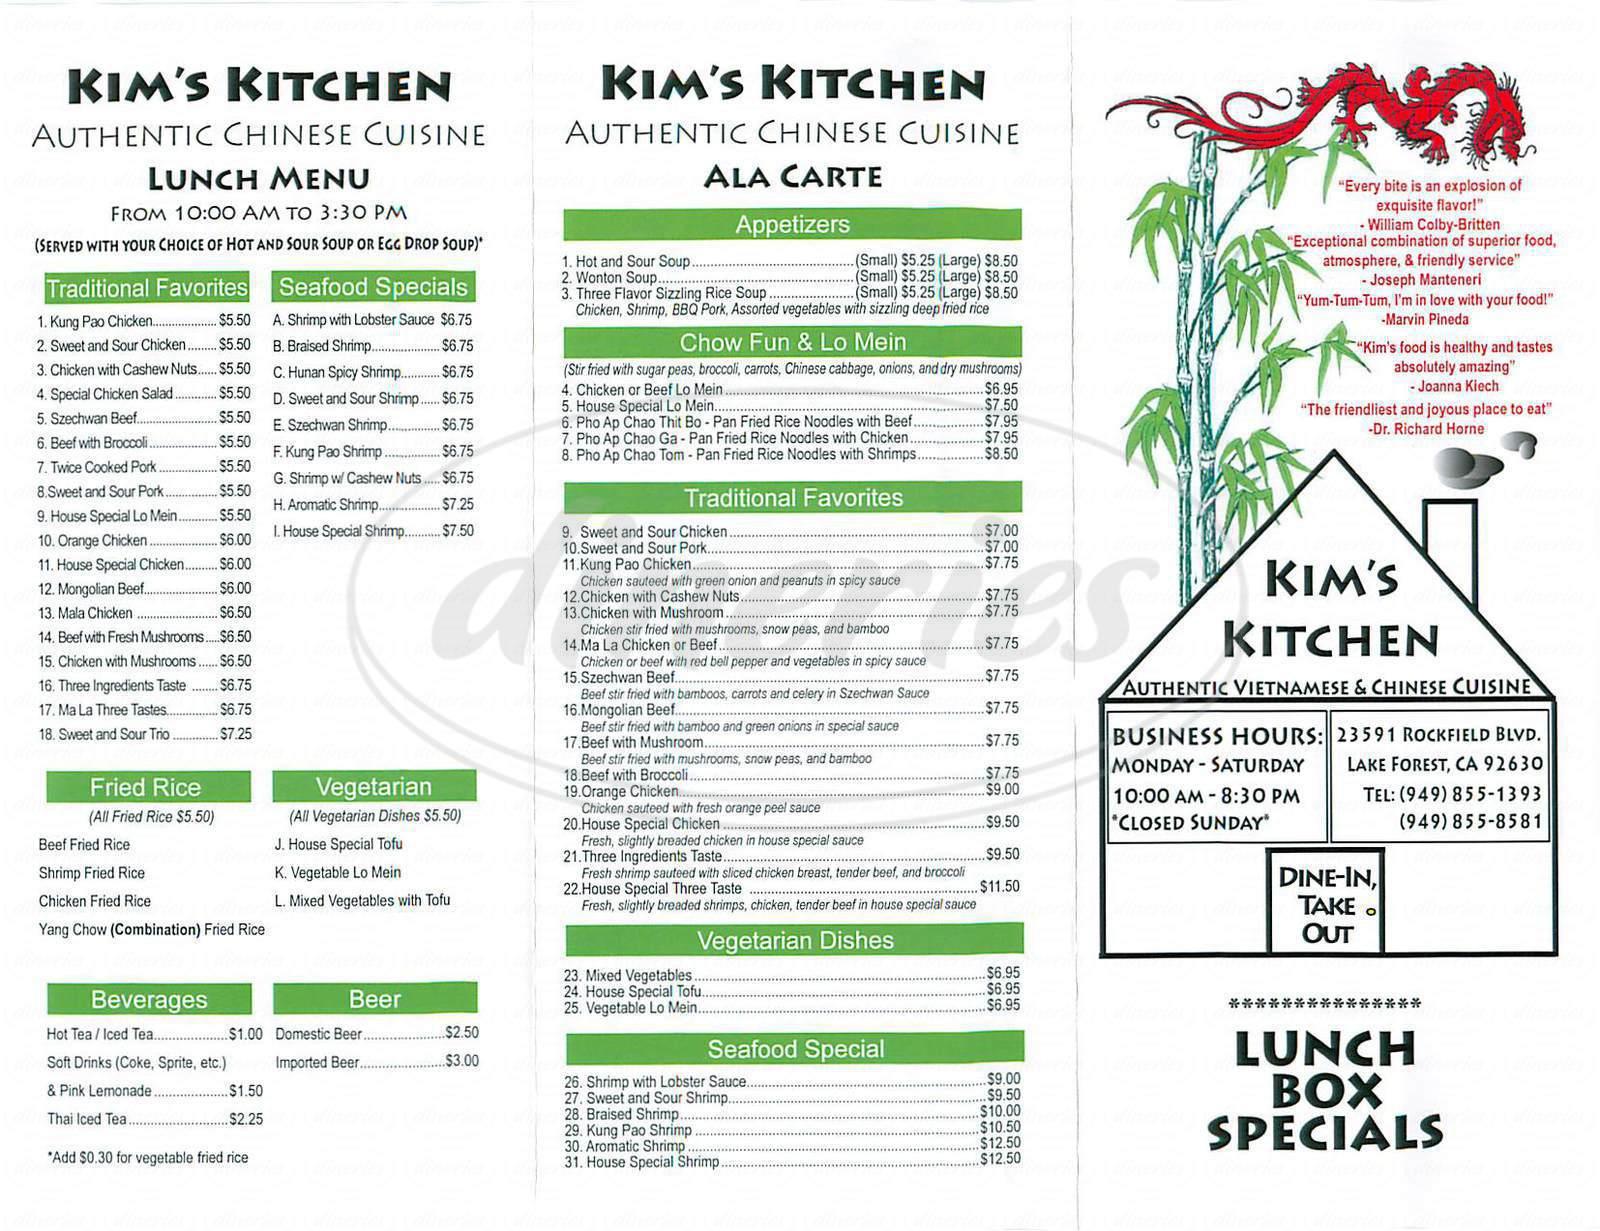 menu for Kim's Kitchen